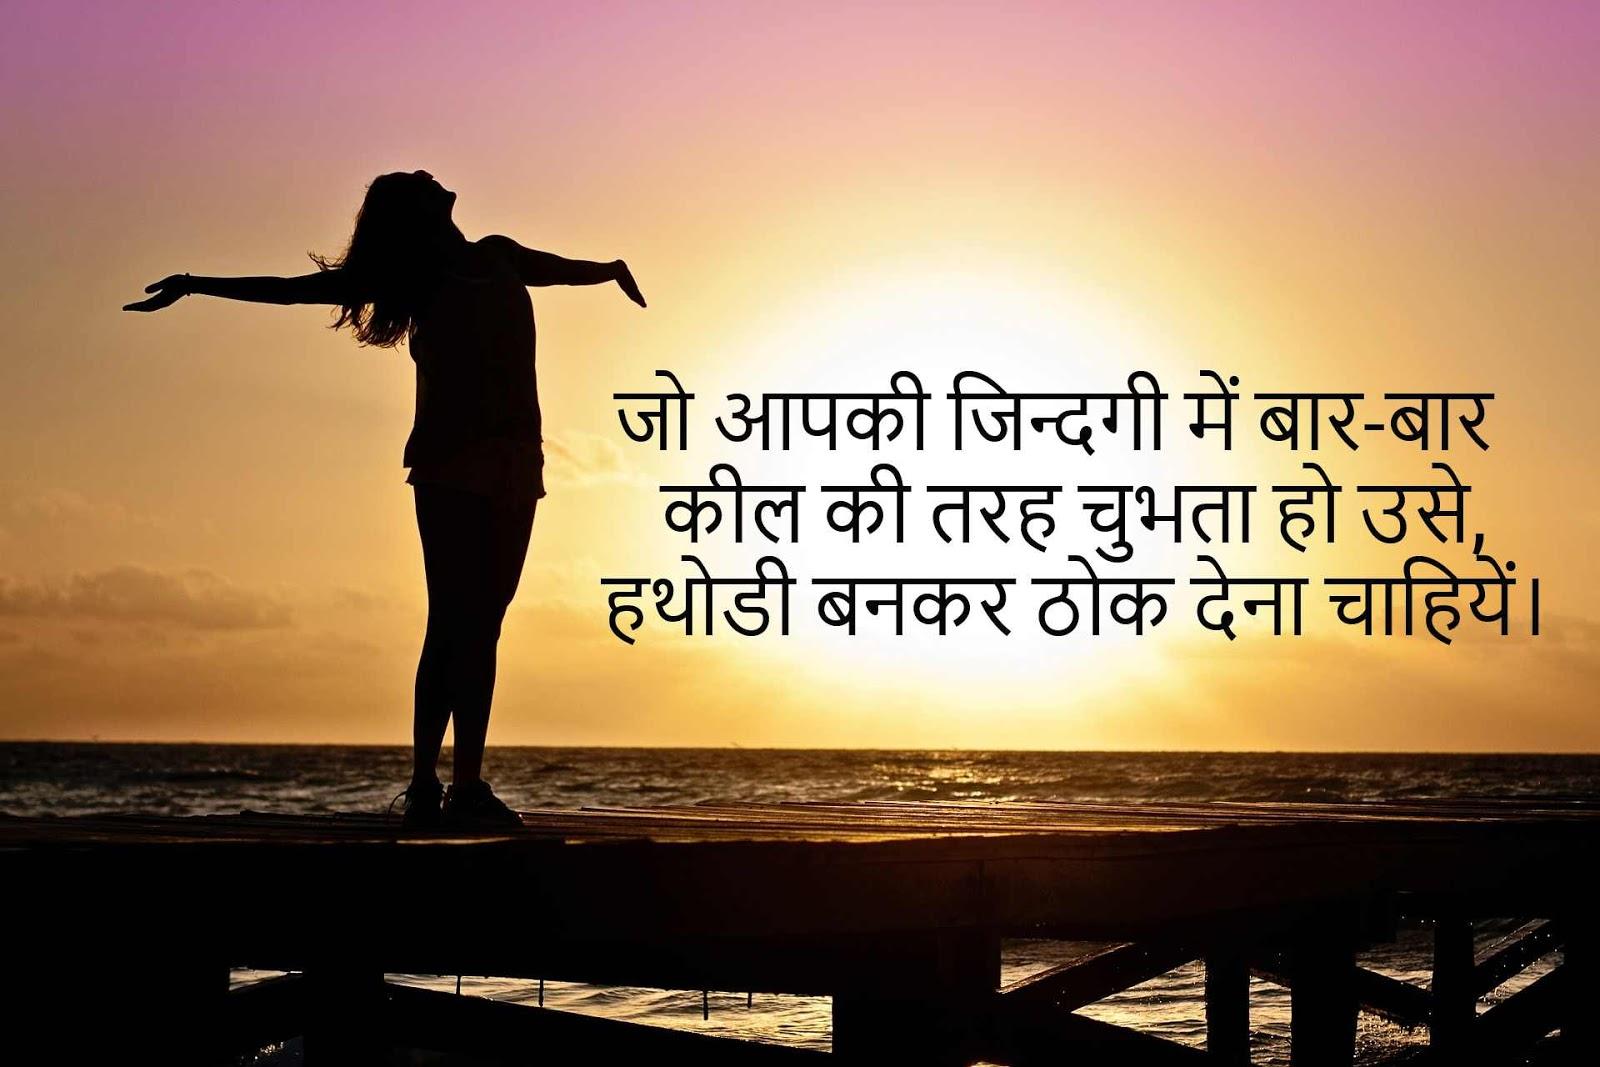 #31 Inspirational Whatsapp Status in Hindi 2019 ...